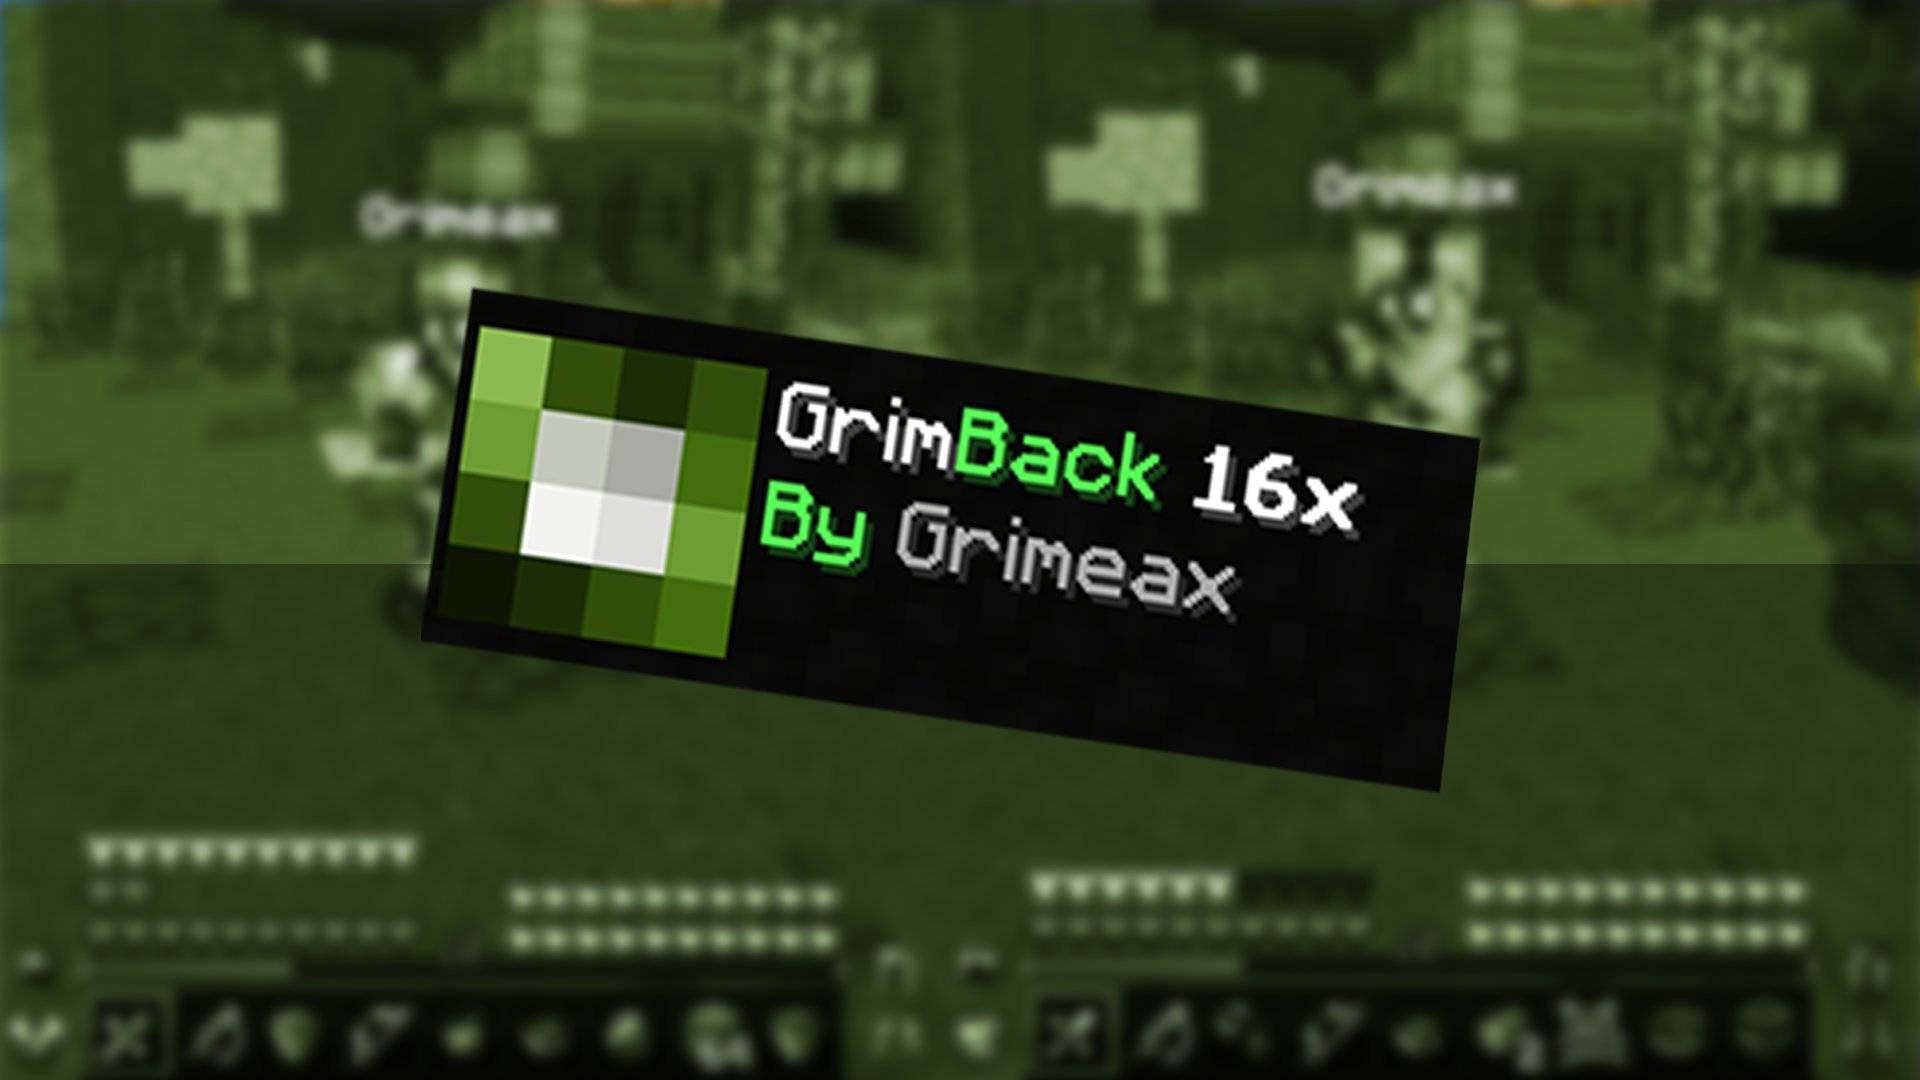 GrimBack 16x